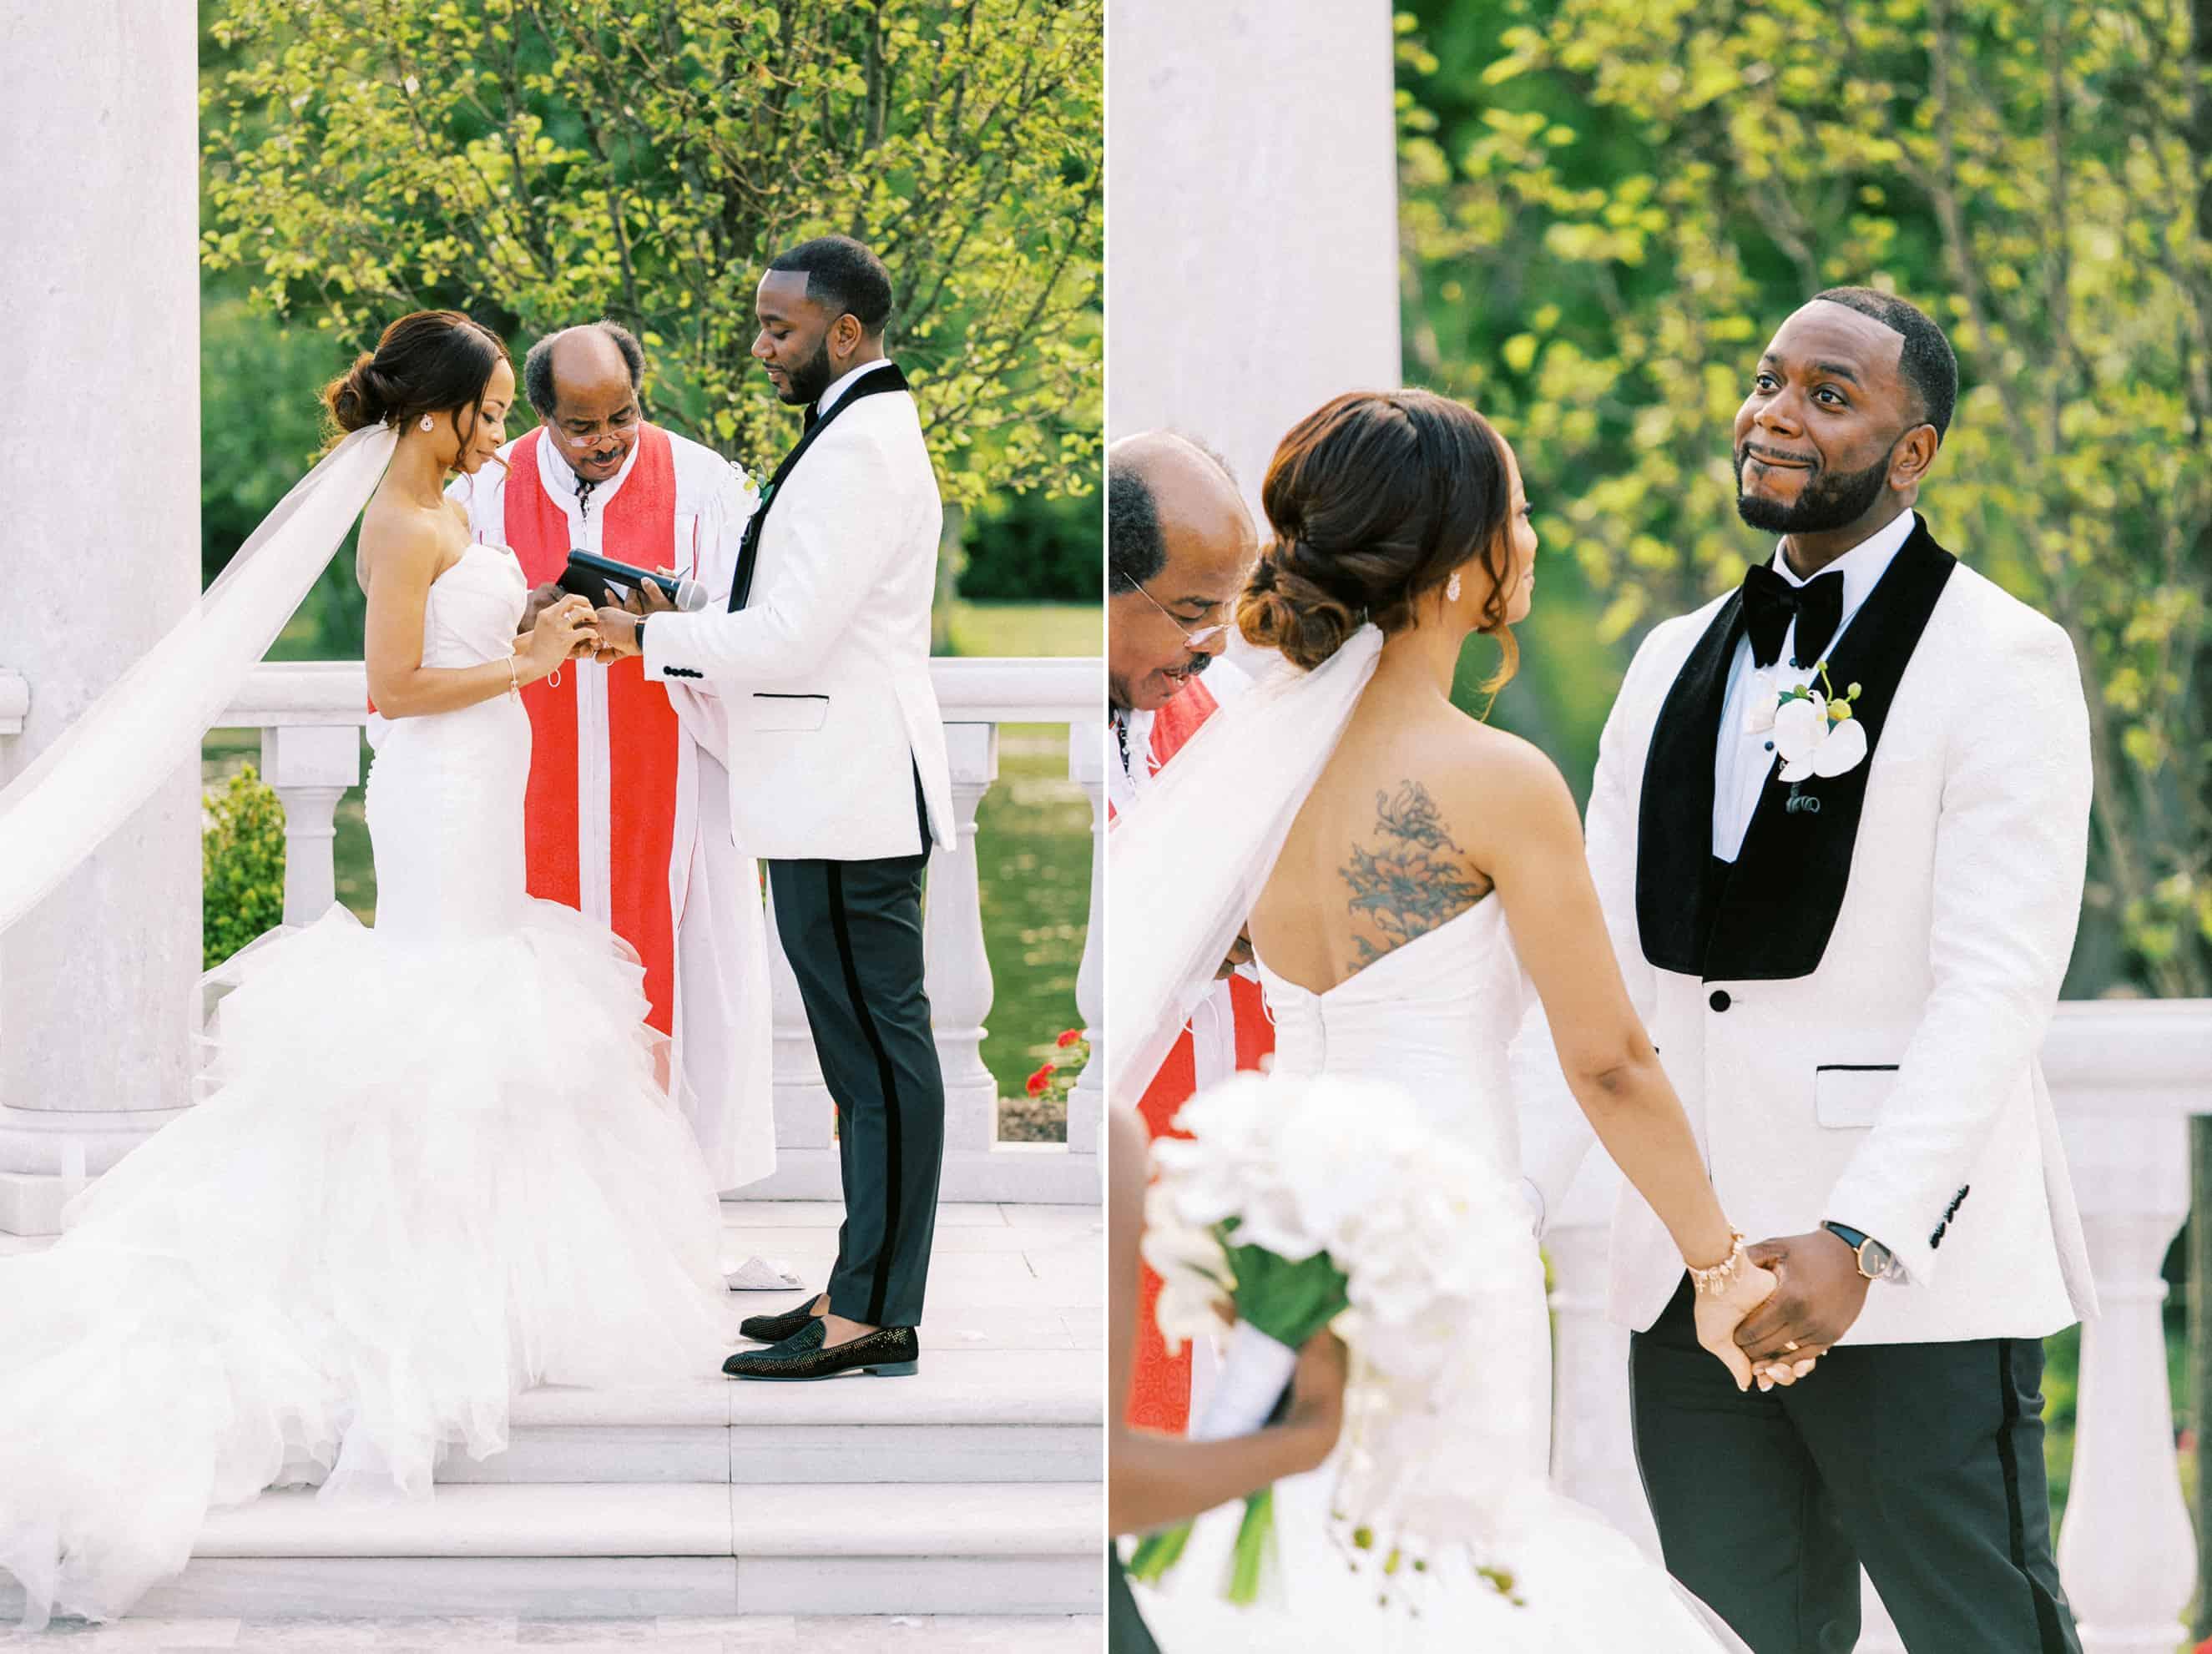 Philadelphia Outdoor Wedding Ceremony Location